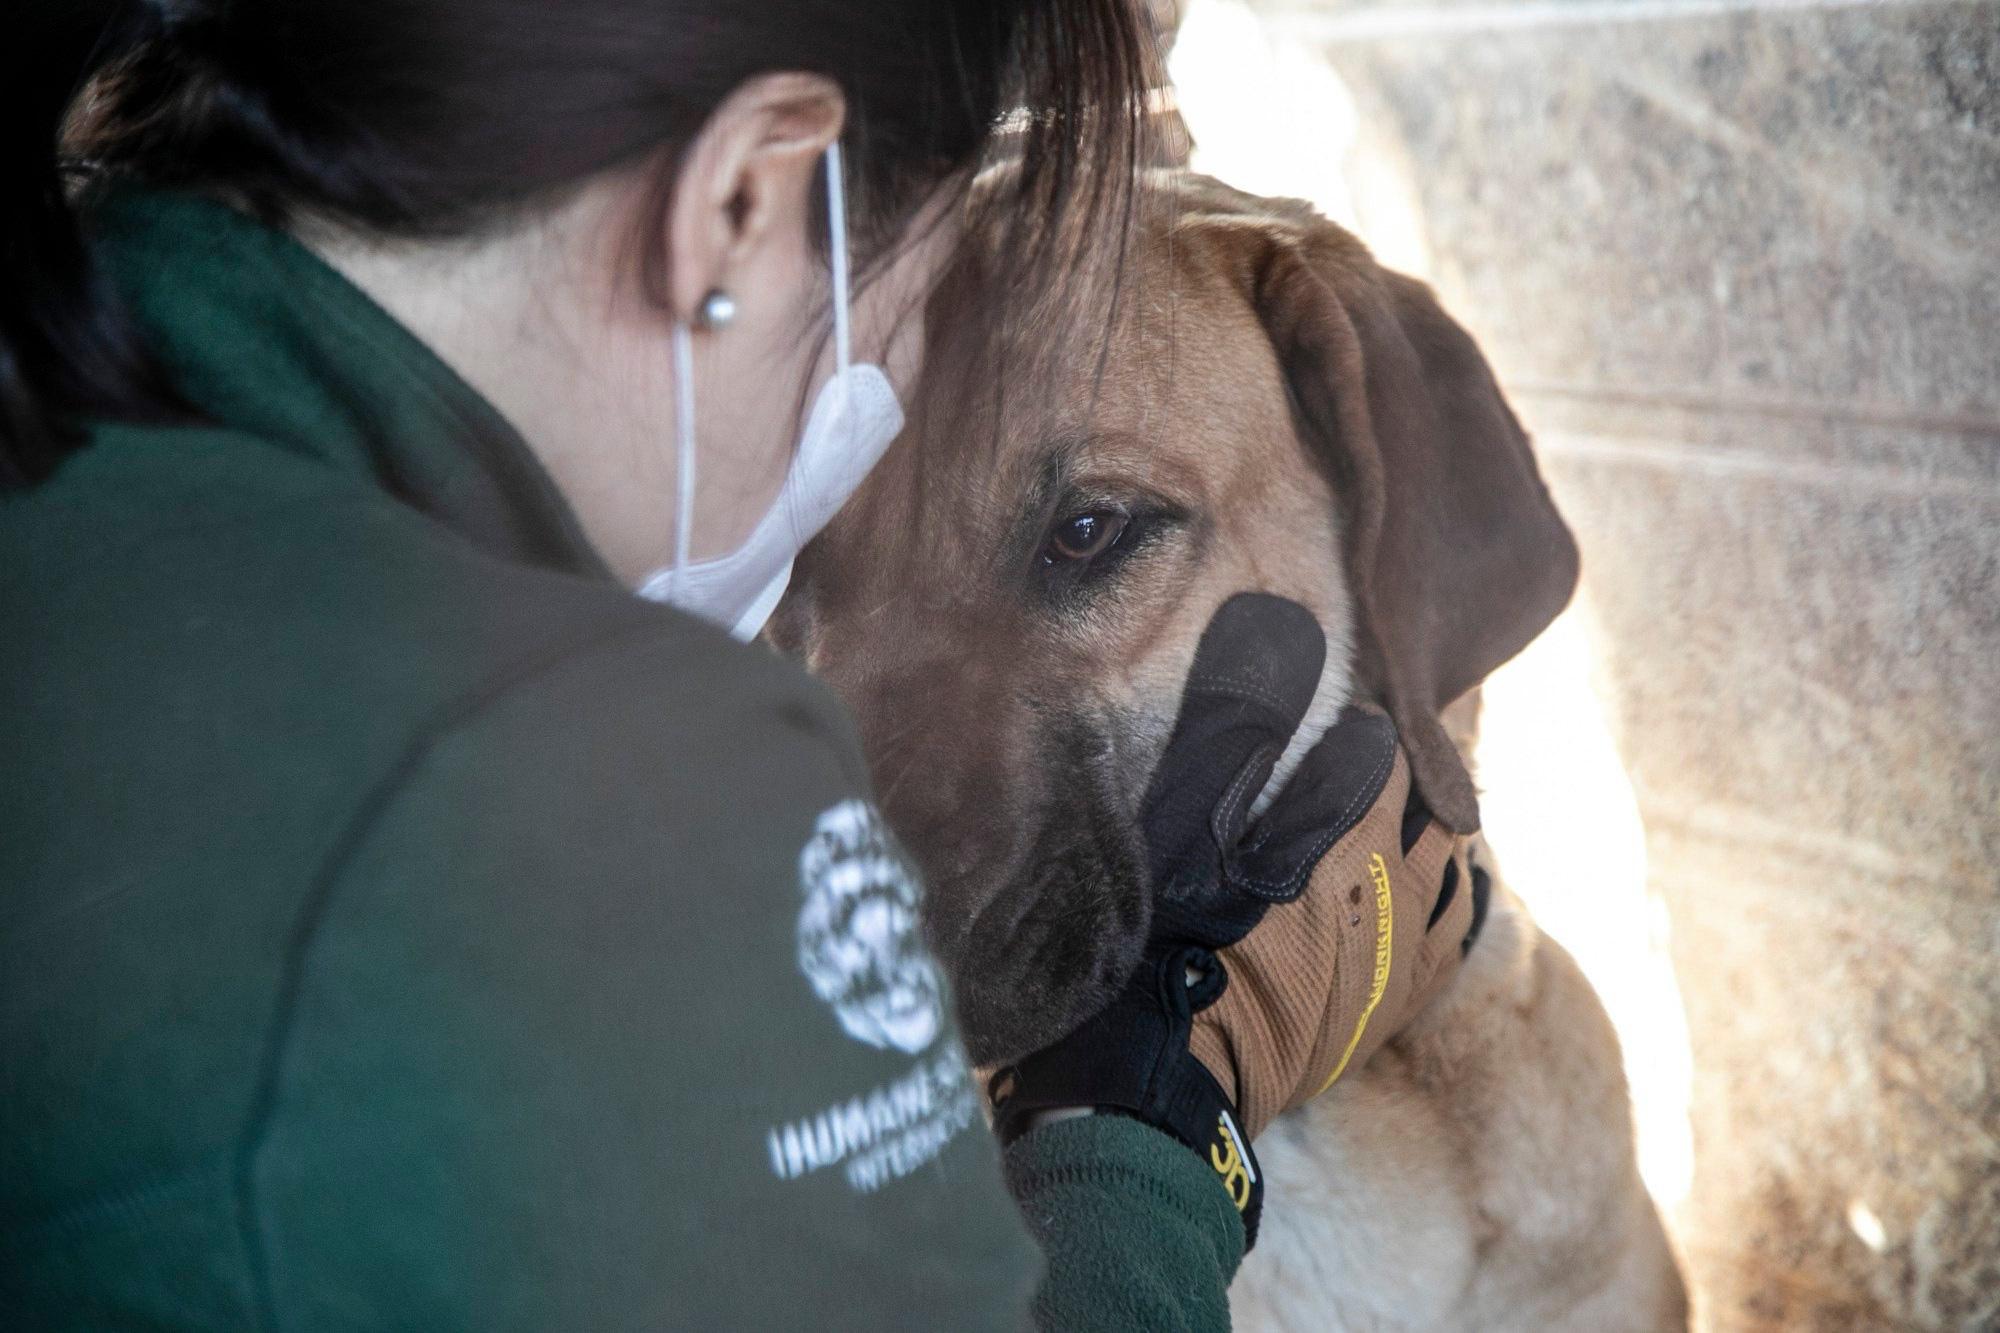 Những hình ảnh gây sốc trong hành trình giải cứu những chú chó khỏi lò mổ - Ảnh 14.